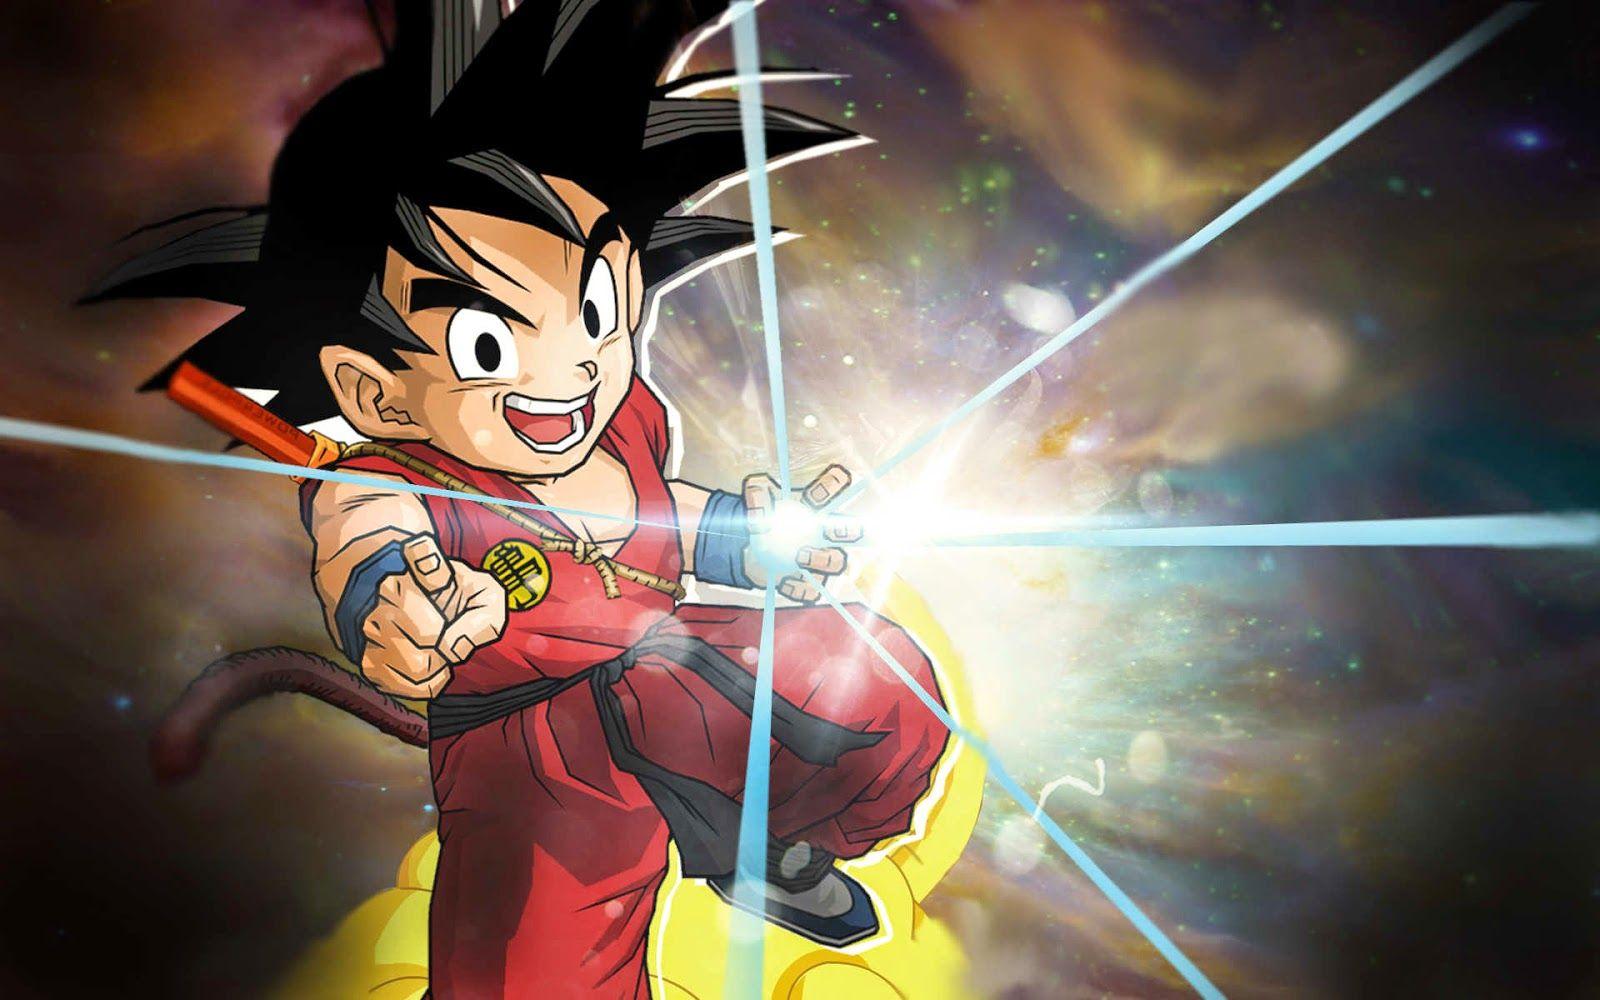 Kid Goku Wallpapers Group Dragon Ball Goku Wallpapers Goku Wallpaper Dragon Ball Wallpapers Anime Dragon Ball Goku